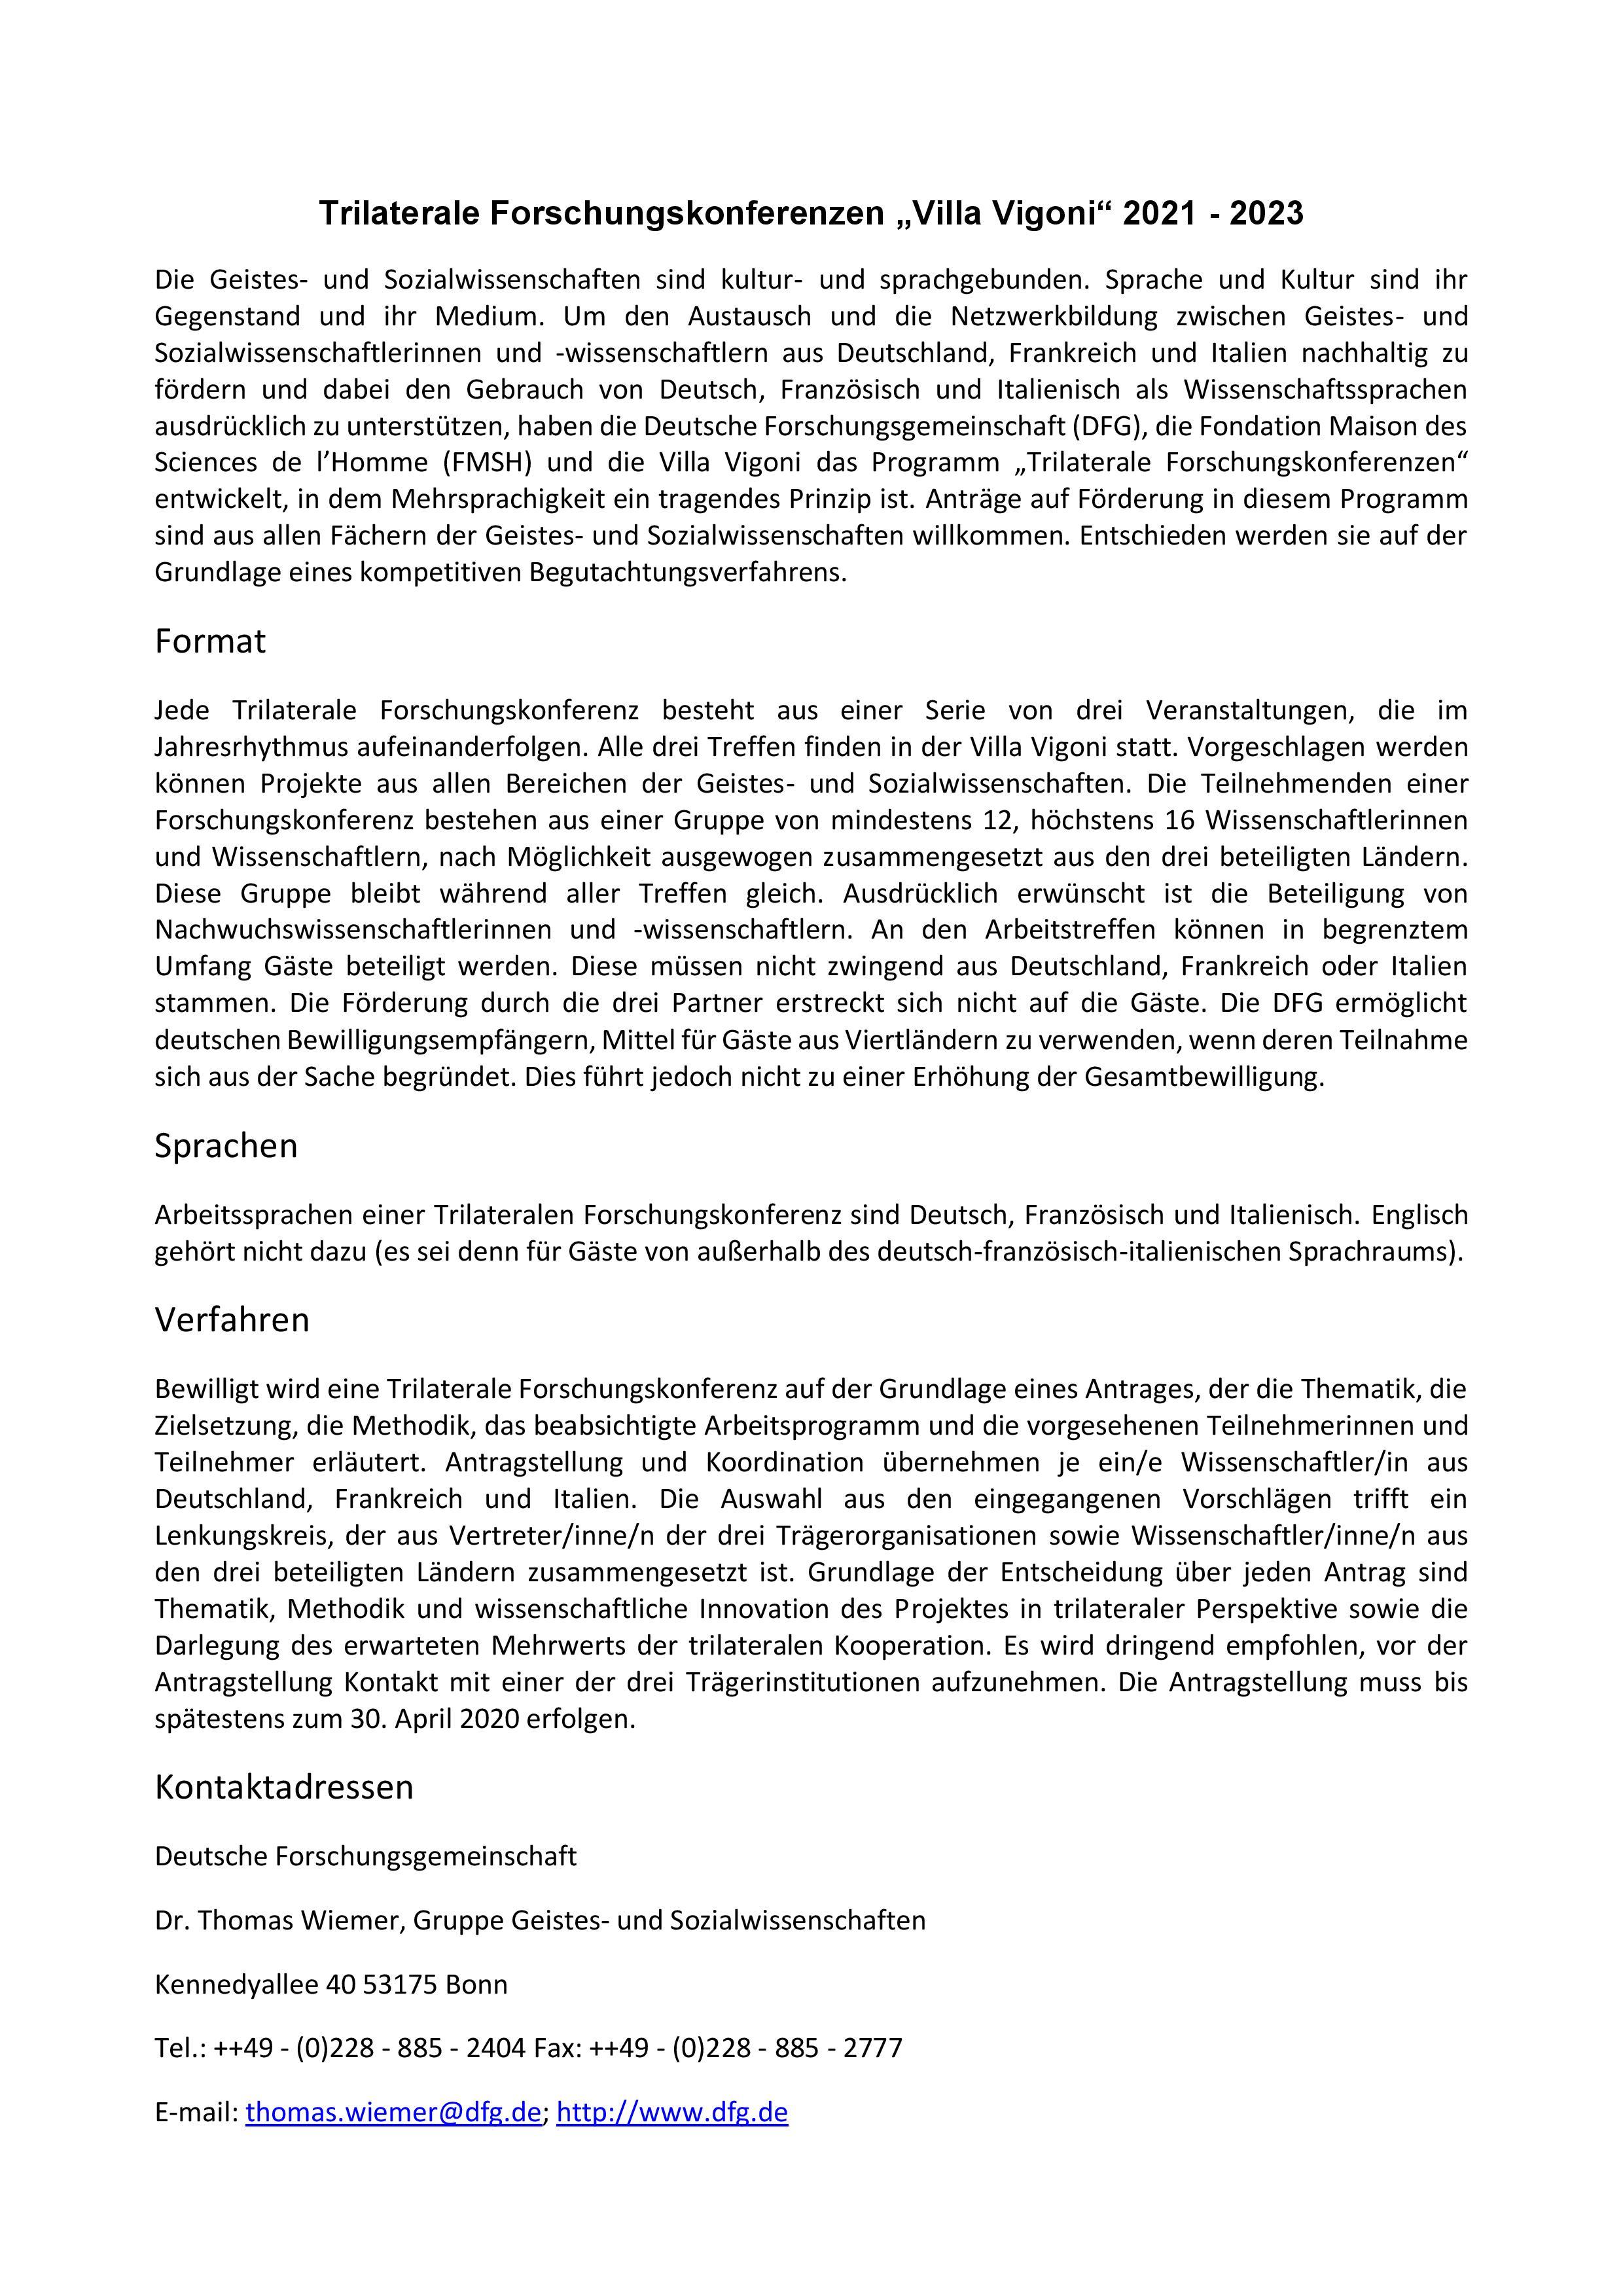 Conferenze-di-ricerca-trilaterali_2021-2023__BANDO-page-006